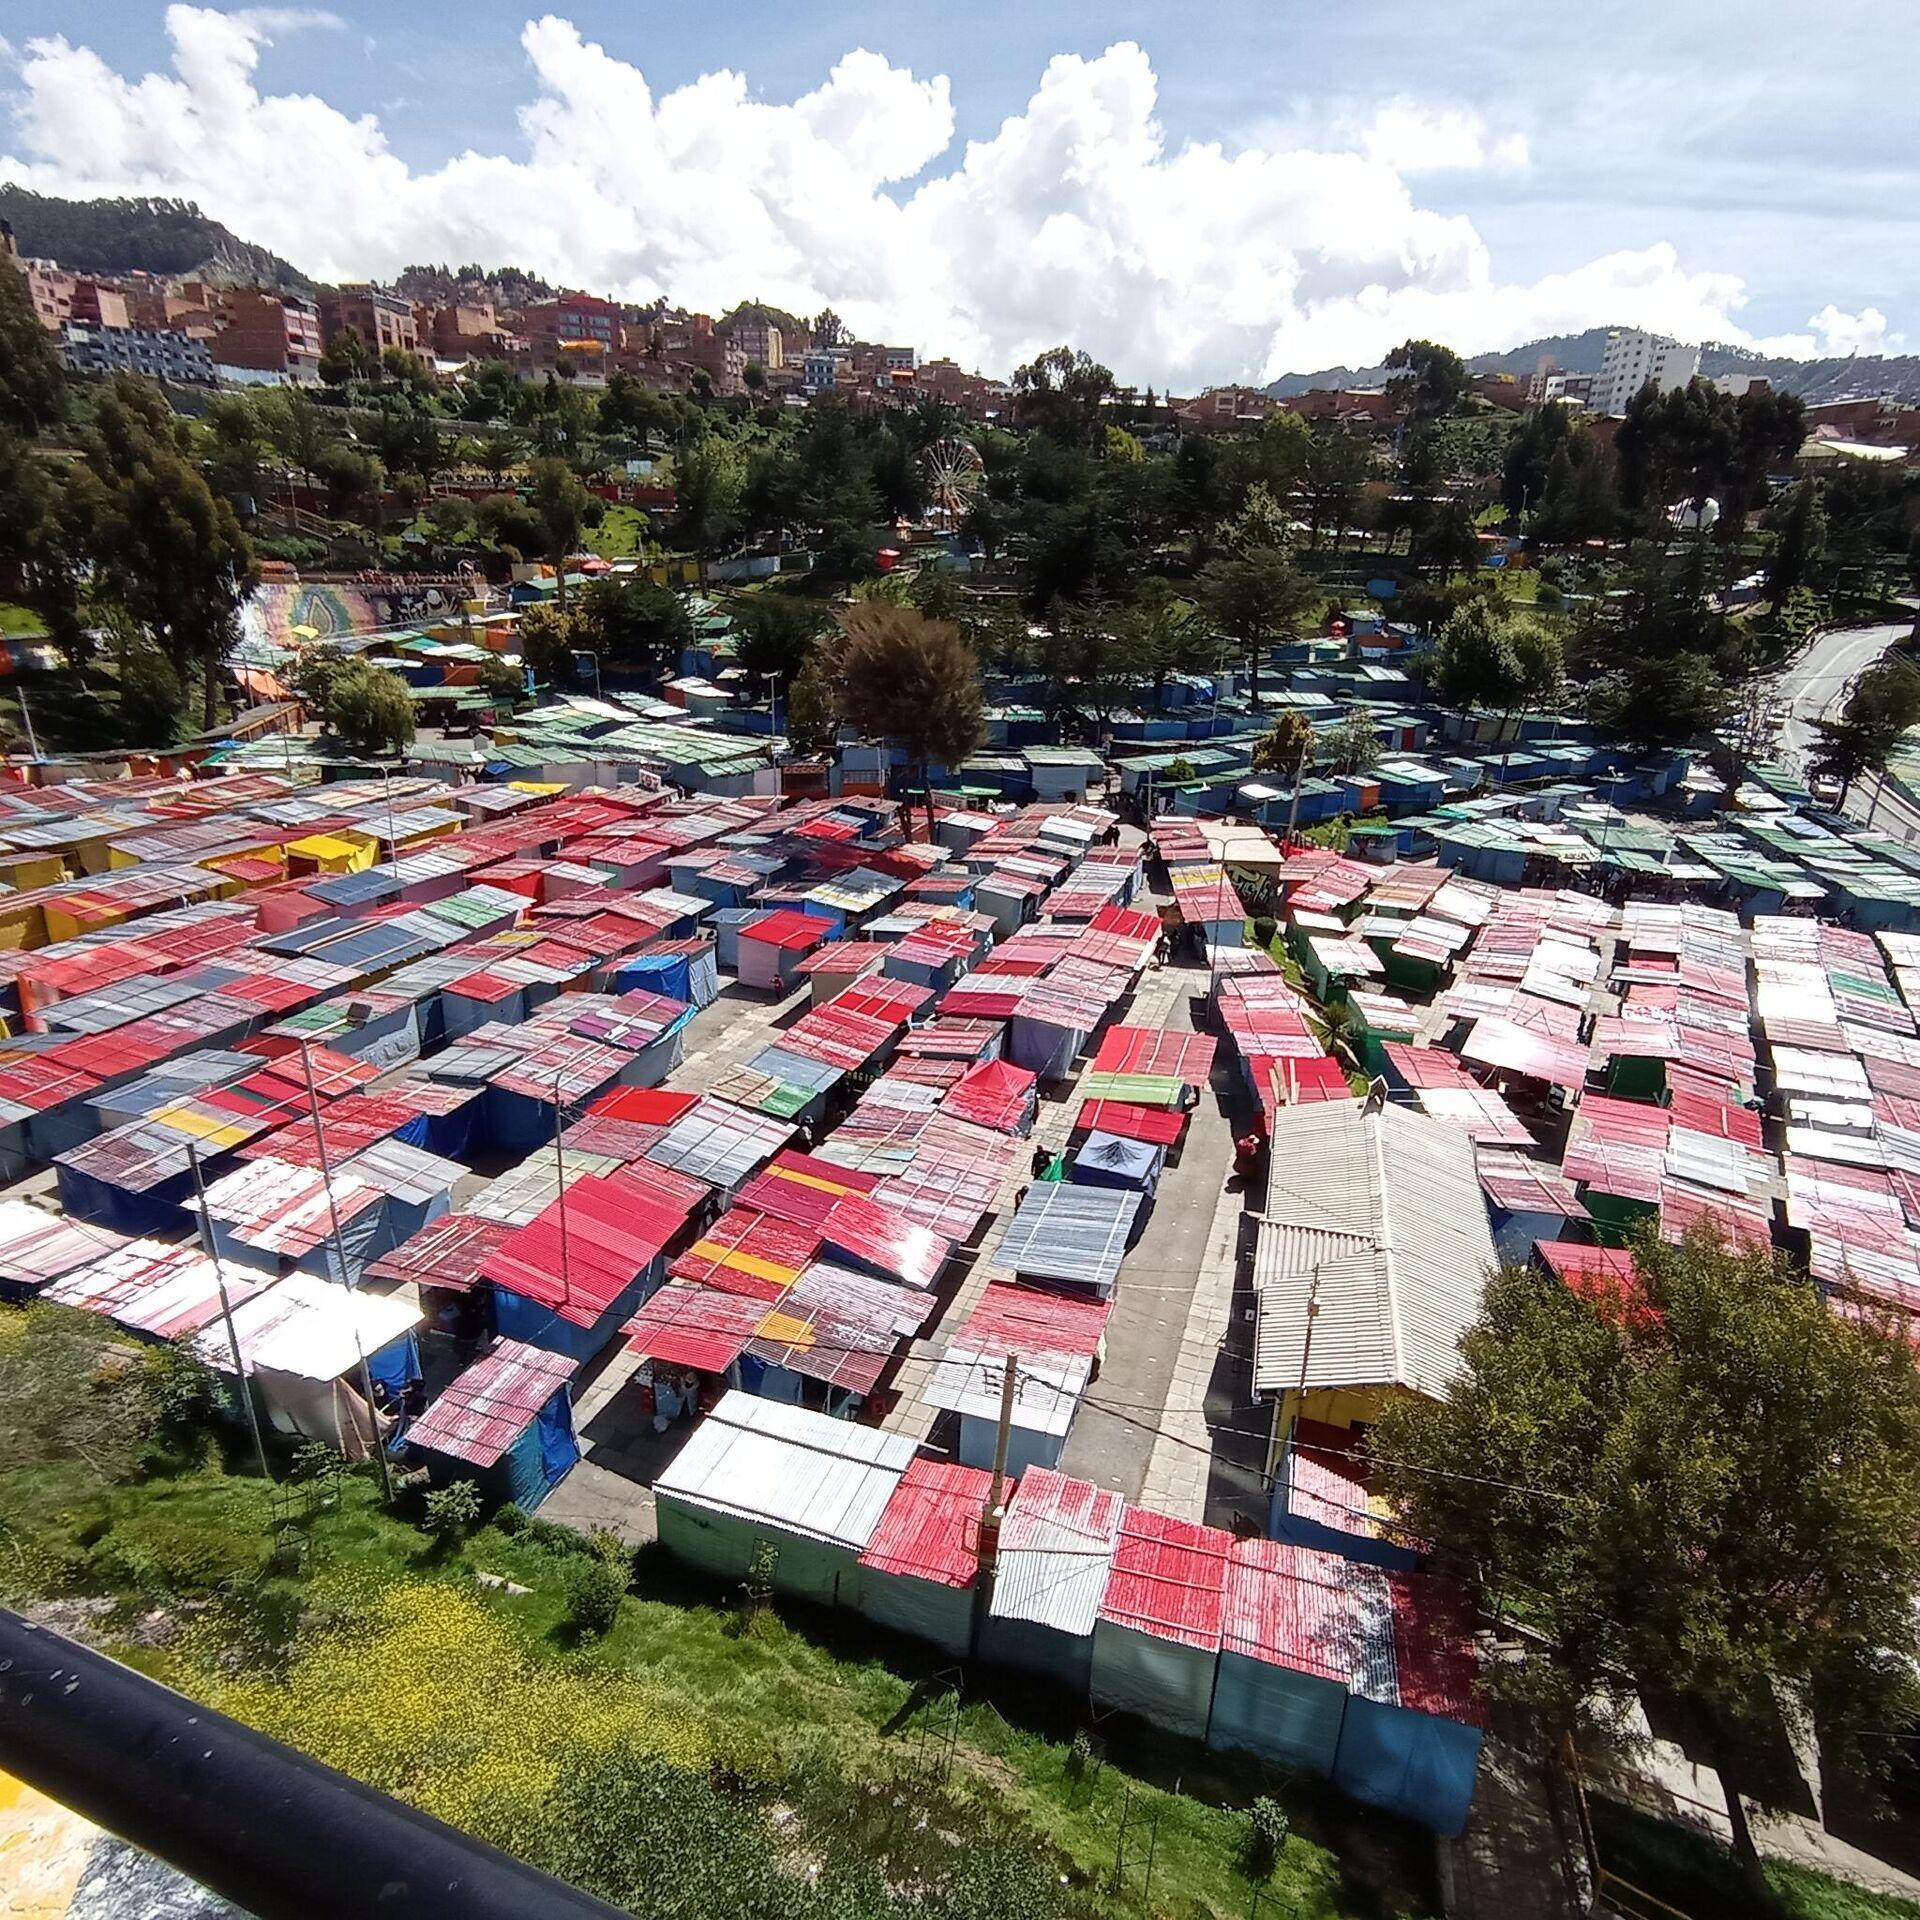 La Feria de Alasitas se desarrolla en el Parque Urbano Central de La Paz - Sputnik Mundo, 1920, 25.03.2021